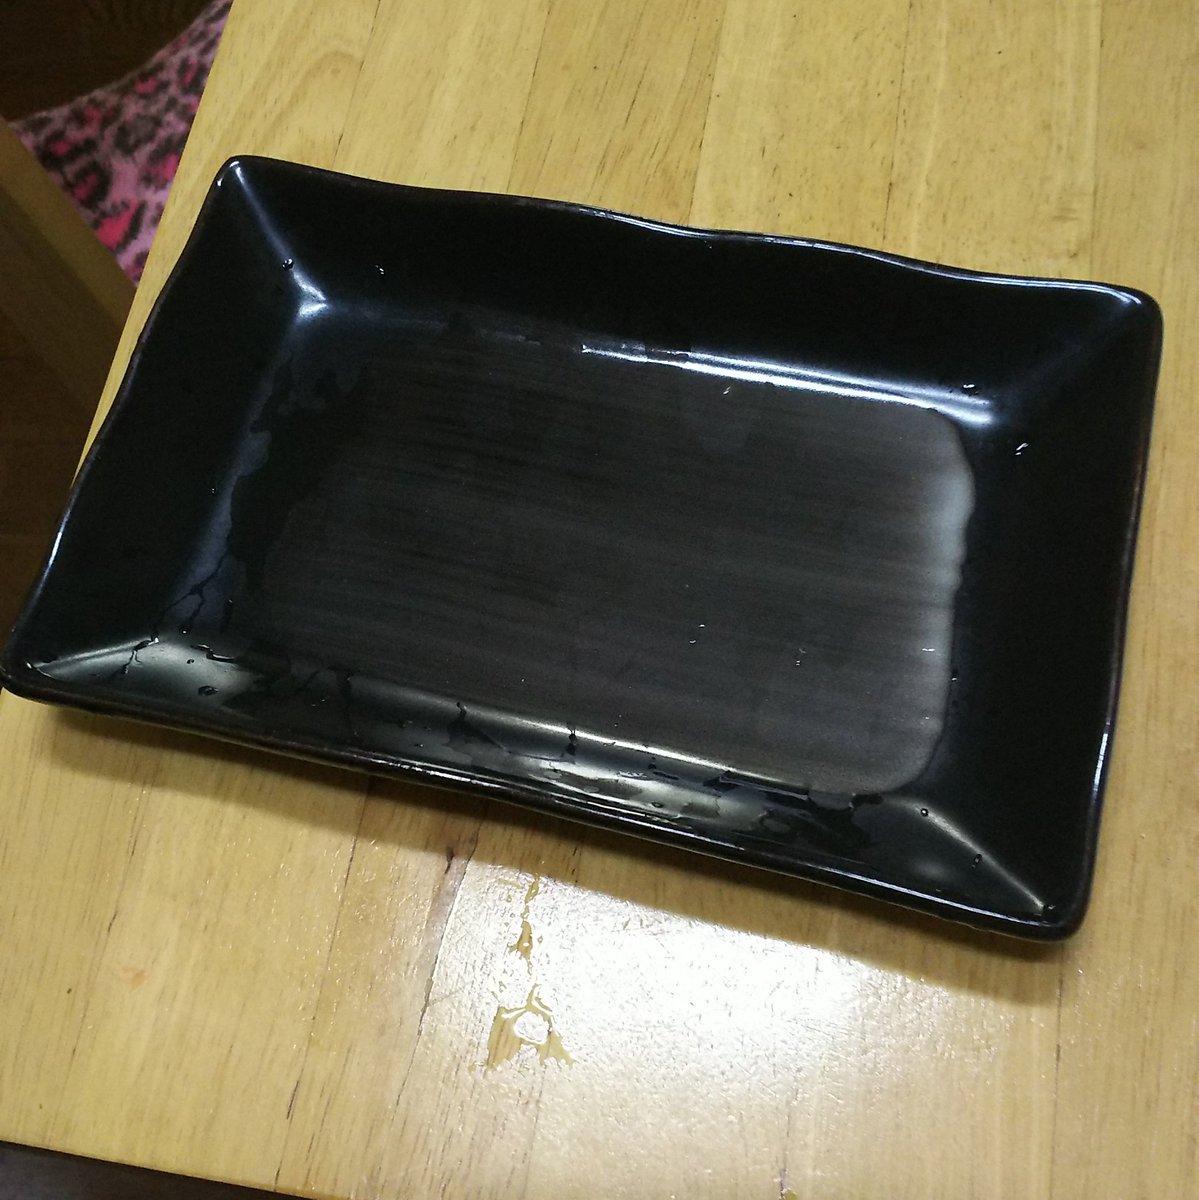 test ツイッターメディア - #DAISO の食器を洗っていたら… T?? ティ、ティティ、ティーティー、ティティ?? #チョコレートプラネット #TT兄弟  @chocopla_matsuo  @ChocoplaOsada https://t.co/aKQgOfqwVy